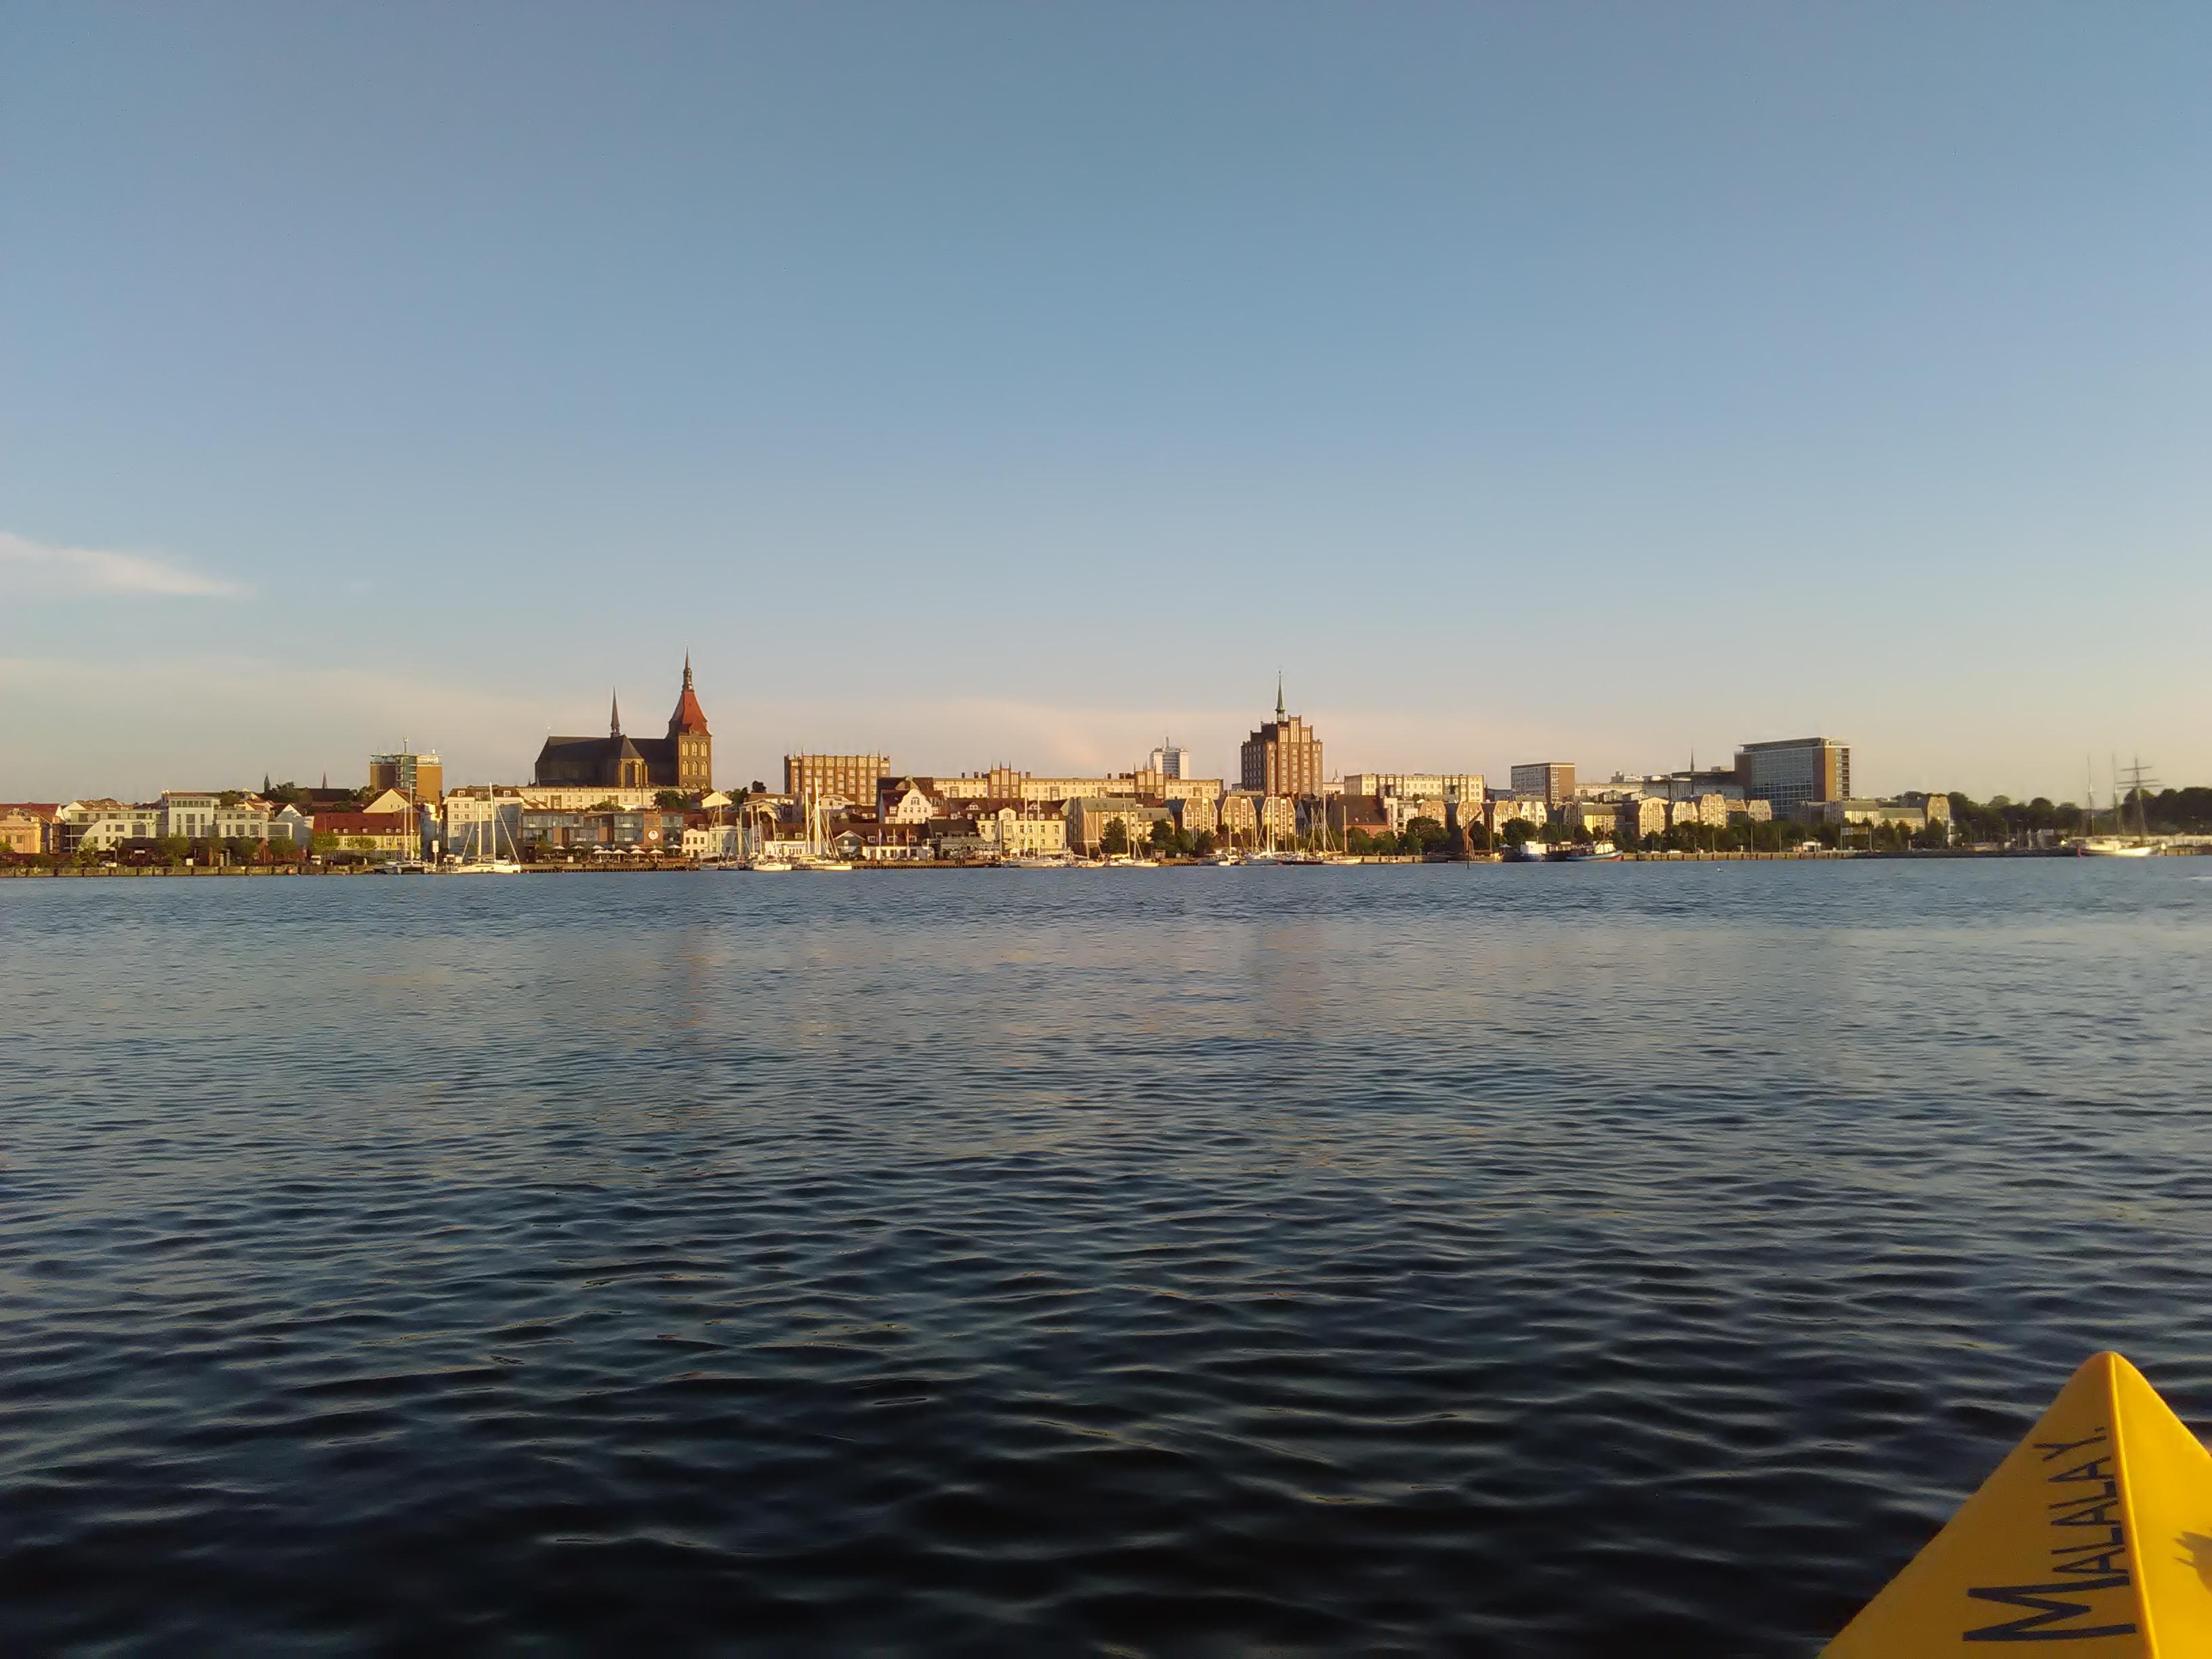 Het uitzicht van Richt tijdens haar kanotocht in Rostock.